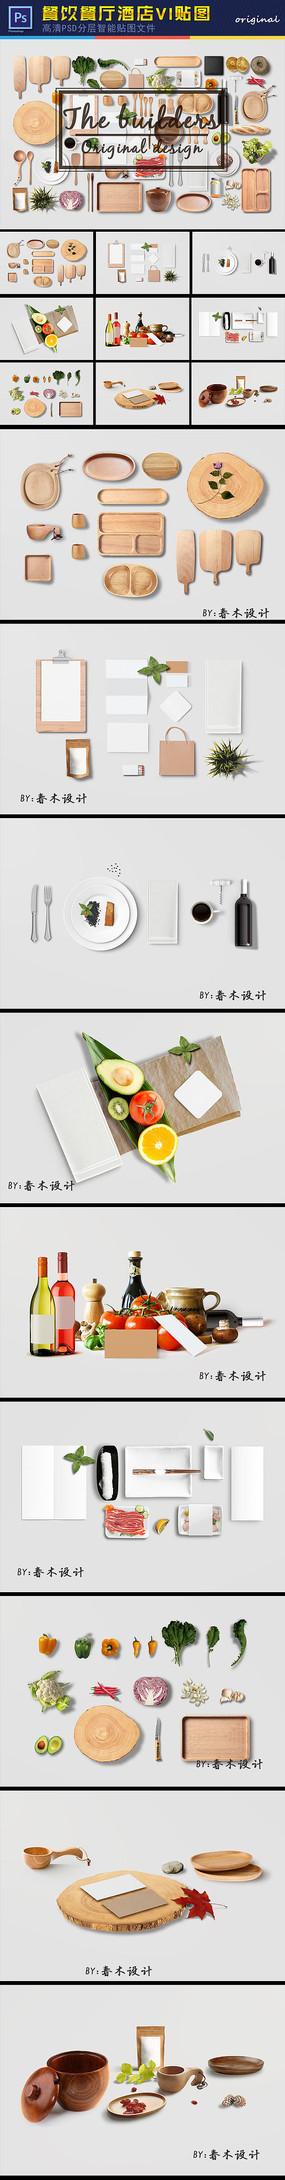 餐饮行业VI样机设计